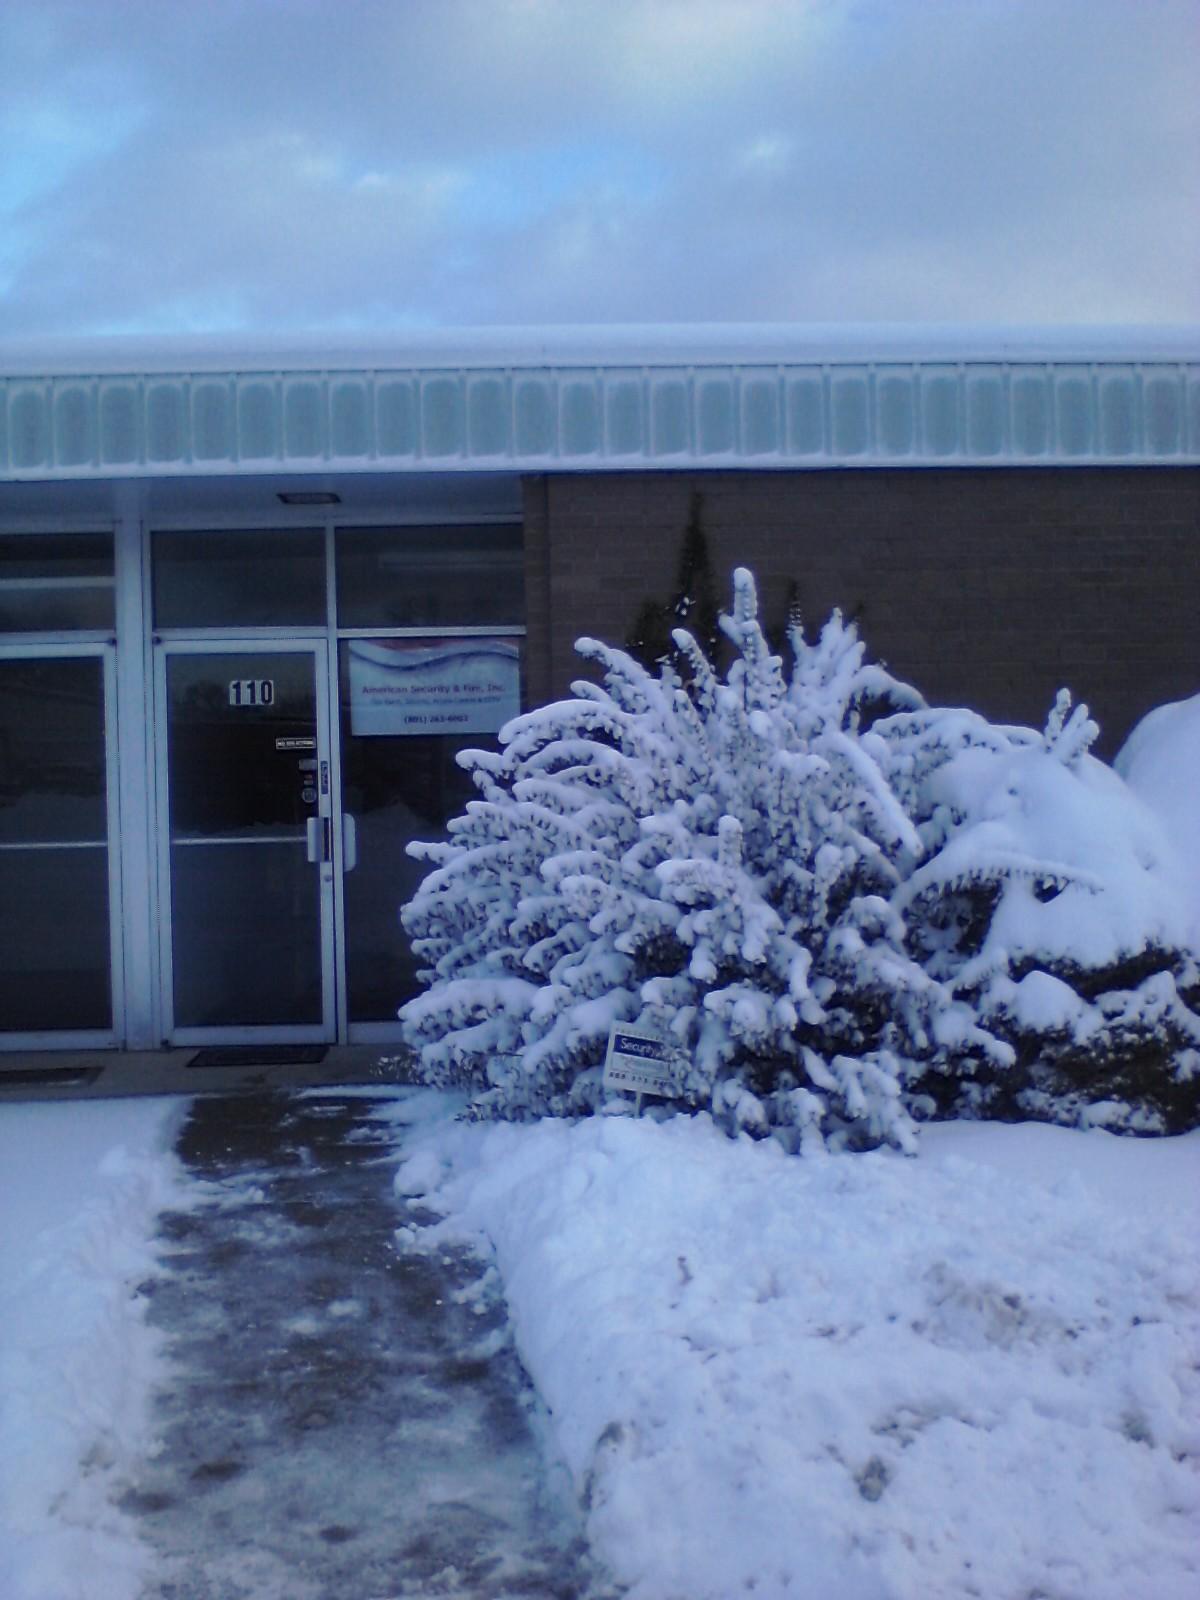 New office 110 W 2950 So, SLC, UT 84115